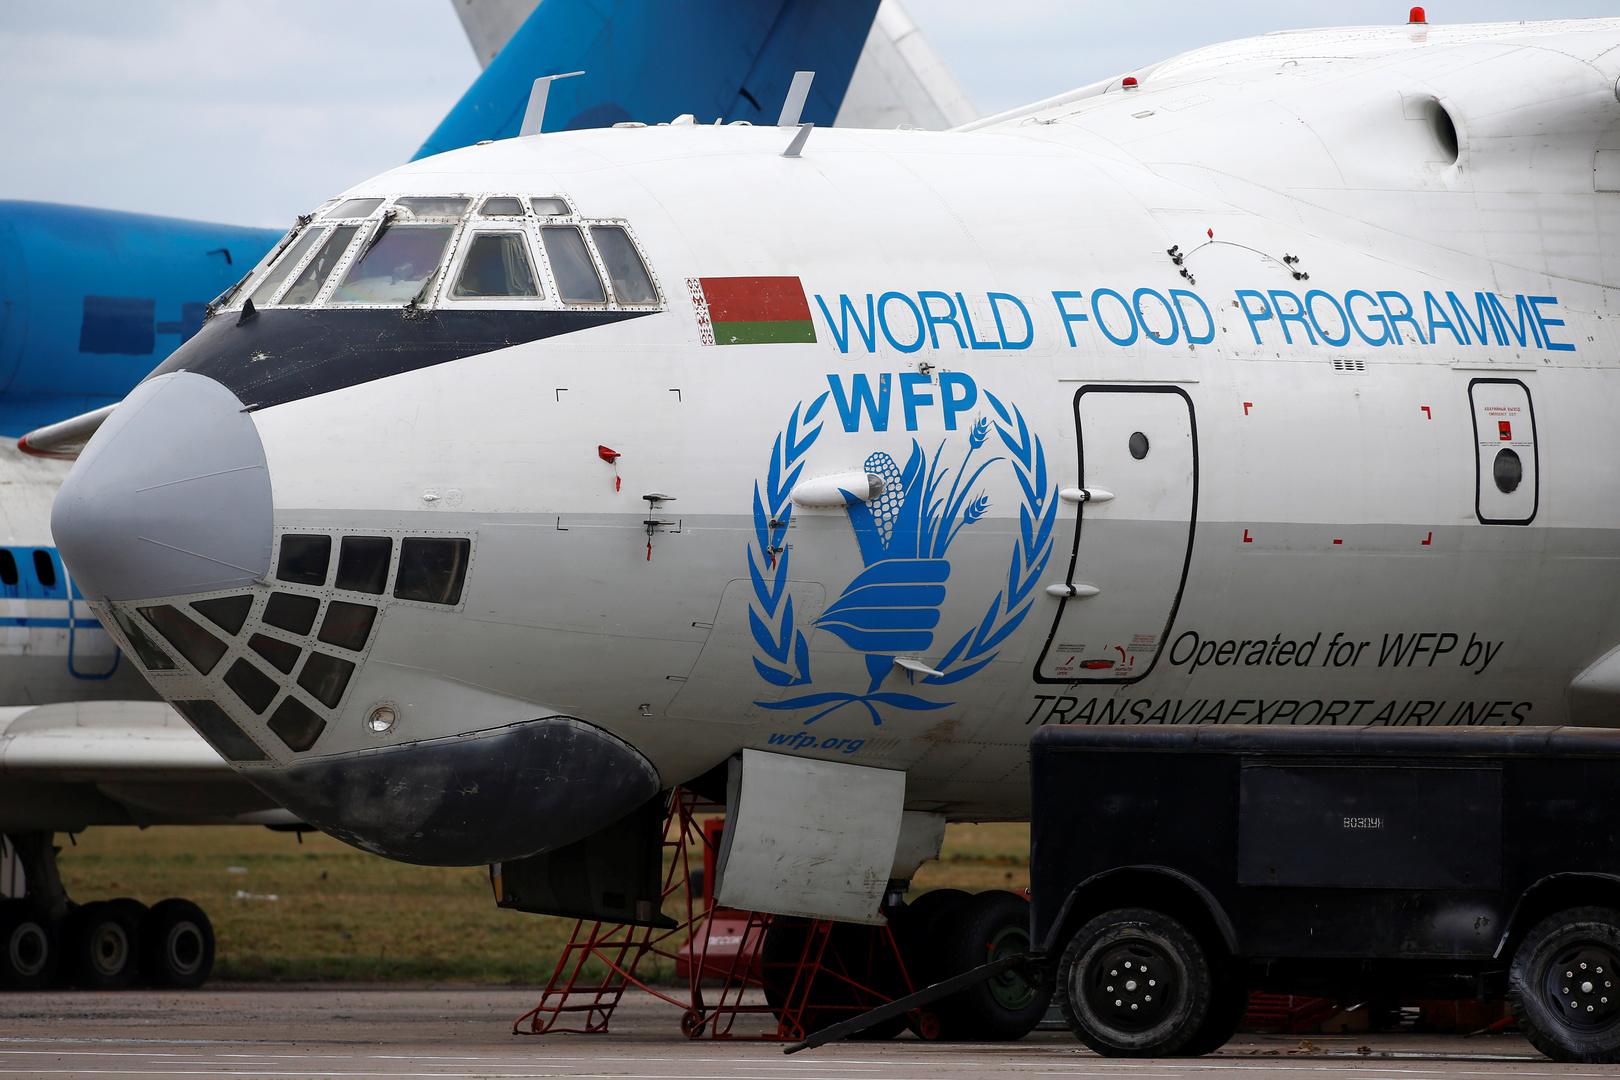 برنامج الغذاء العالمي يعرب عن قلقه حول انعدام الأمن الغذائي في أمريكا اللاتينية